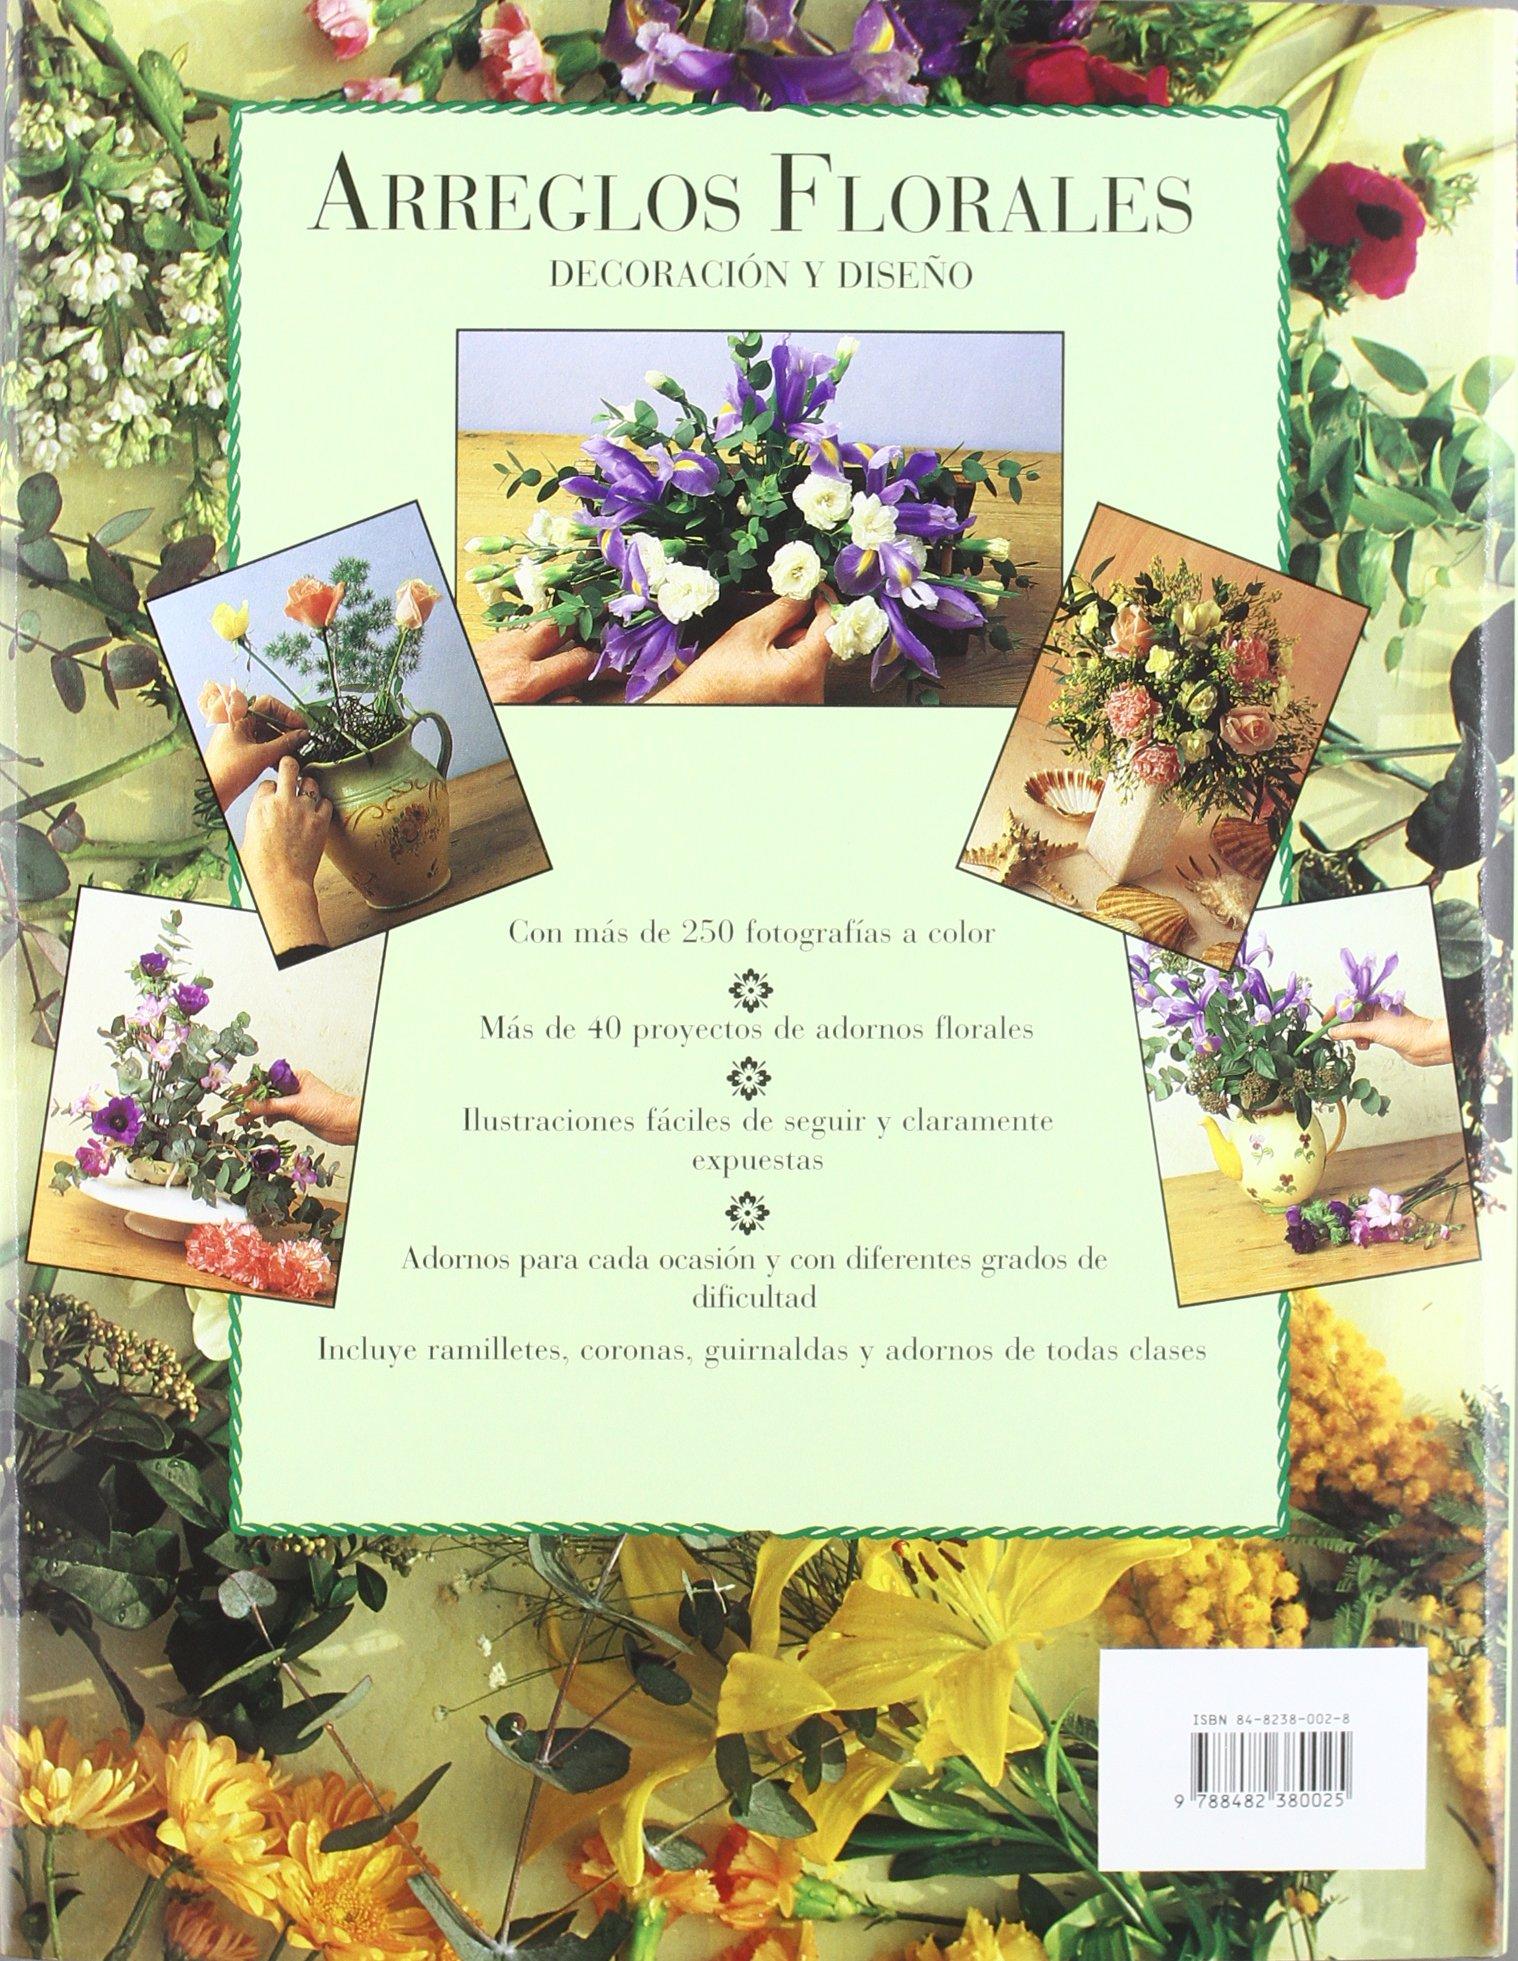 Arreglos Florales Decoracion Y Disen0 Spanish Edition Pamela - Adornos-florales